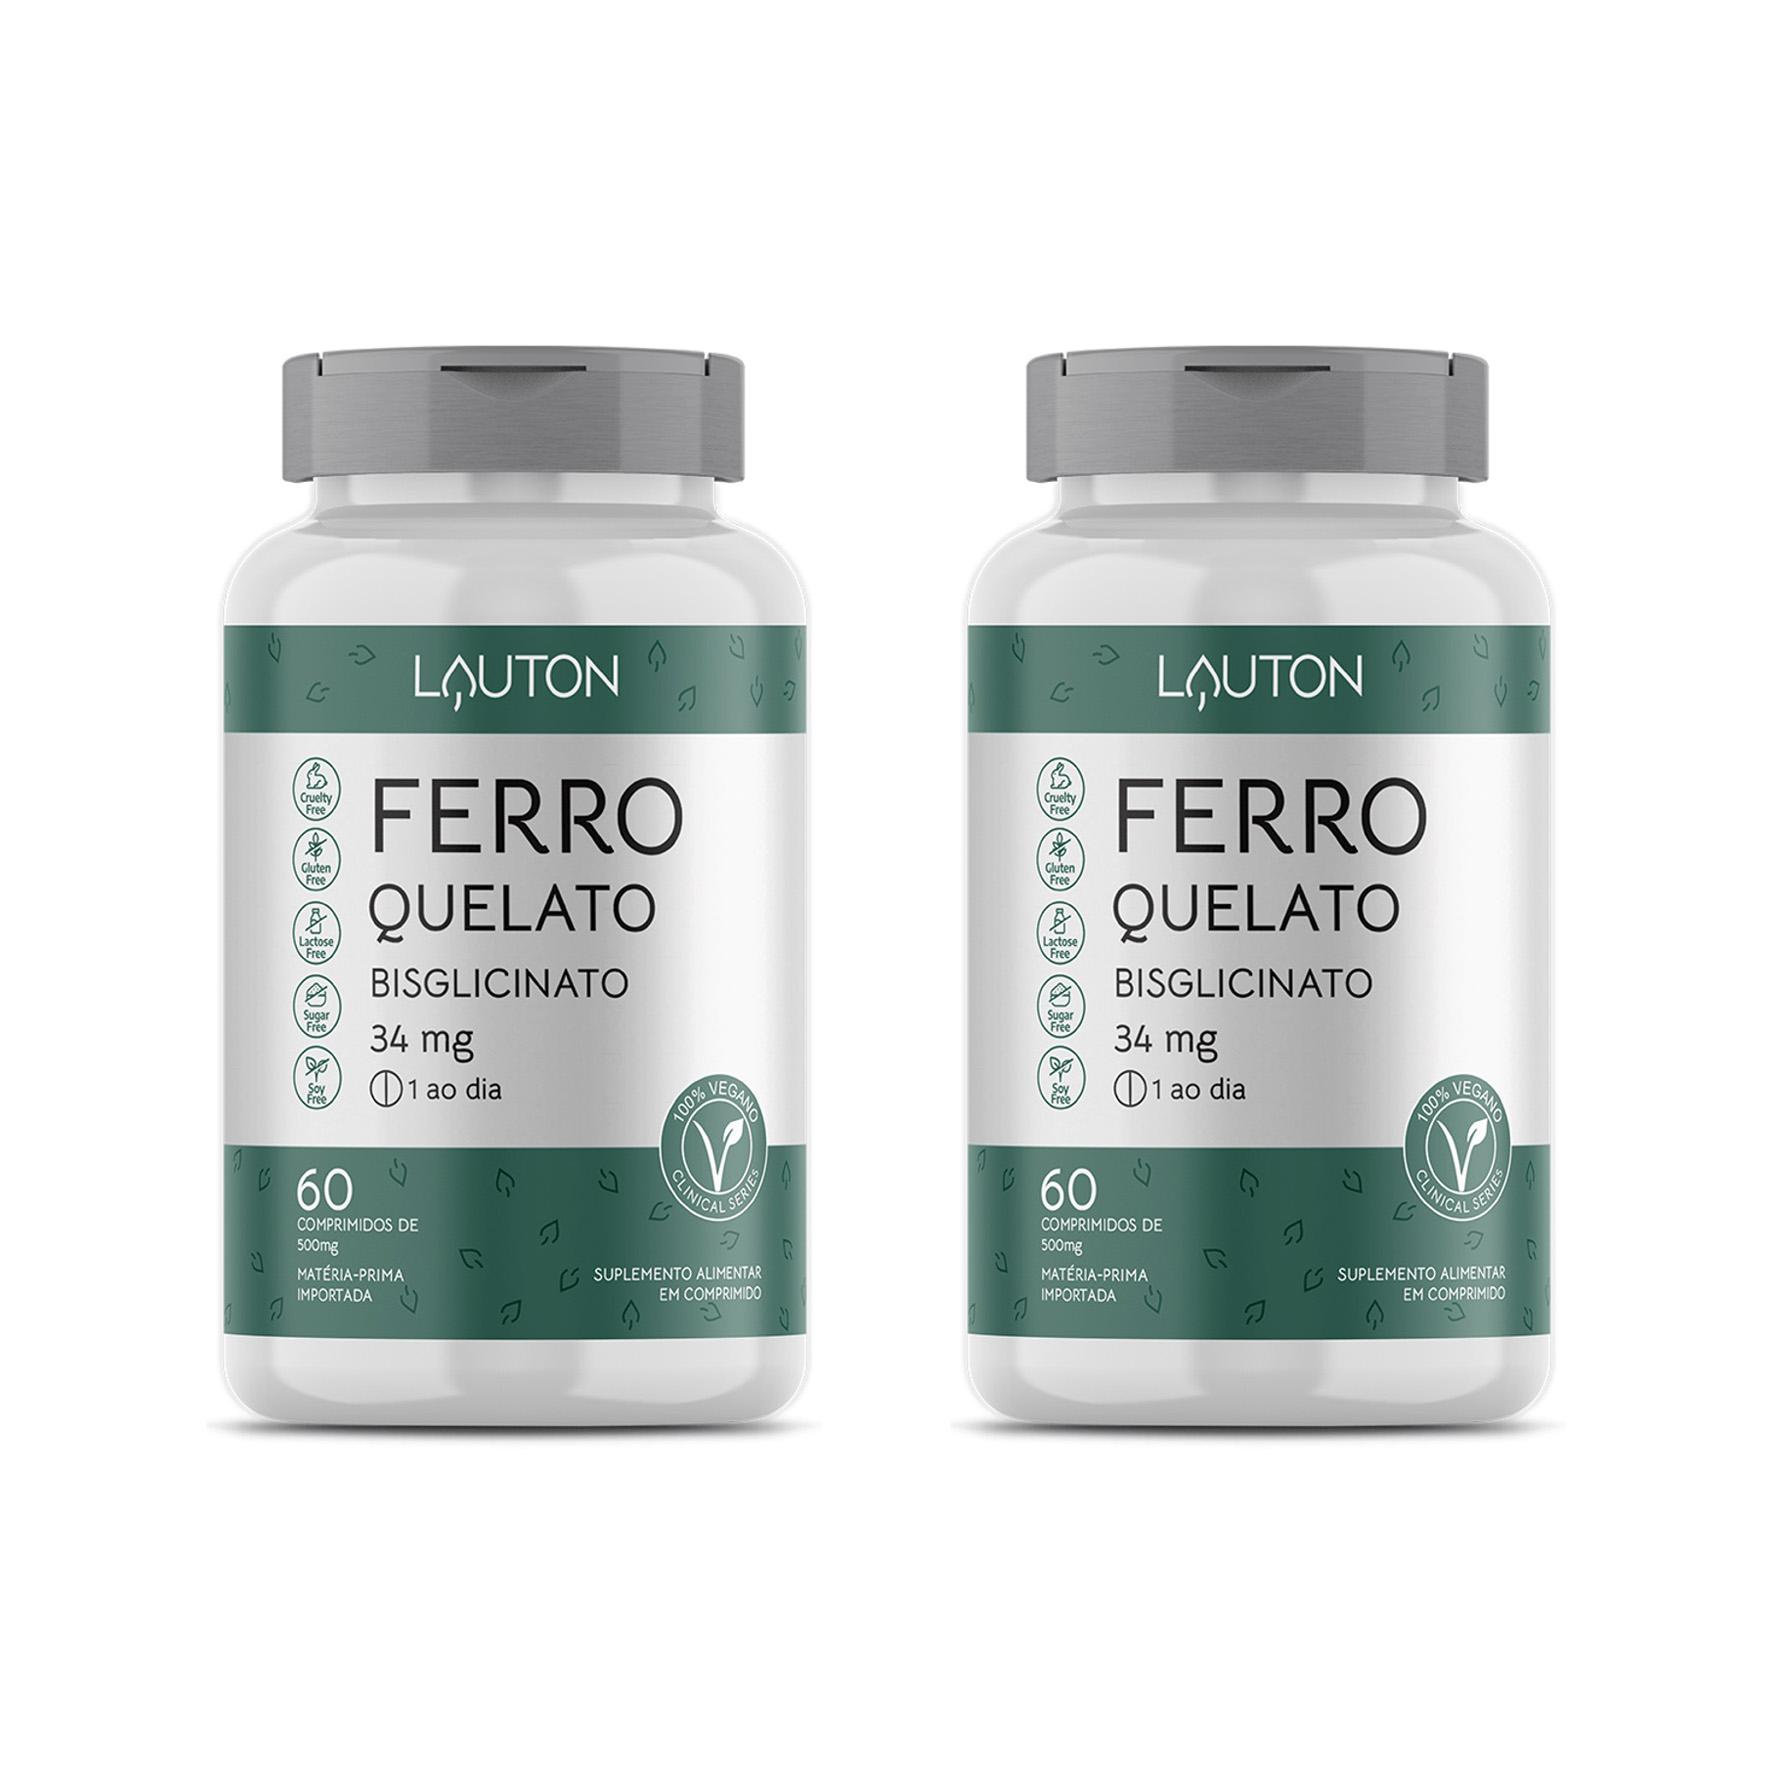 Ferro Quelato Bisglicinato 34mg - 60 Comprimidos - Lauton Nutrition (2 Unidades)